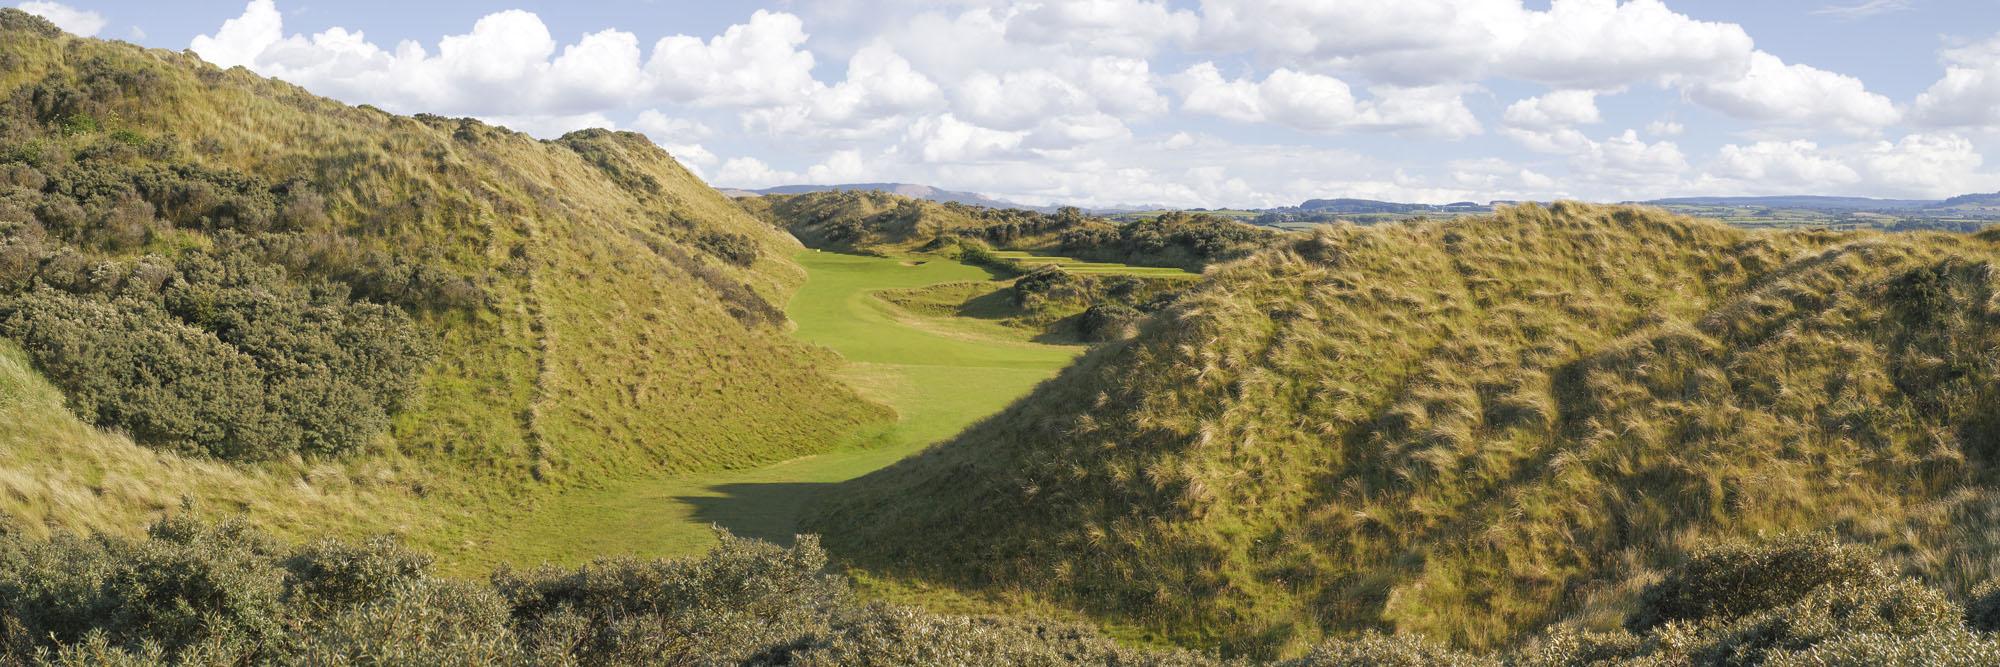 Golf Course Image - Portstewart No. 2